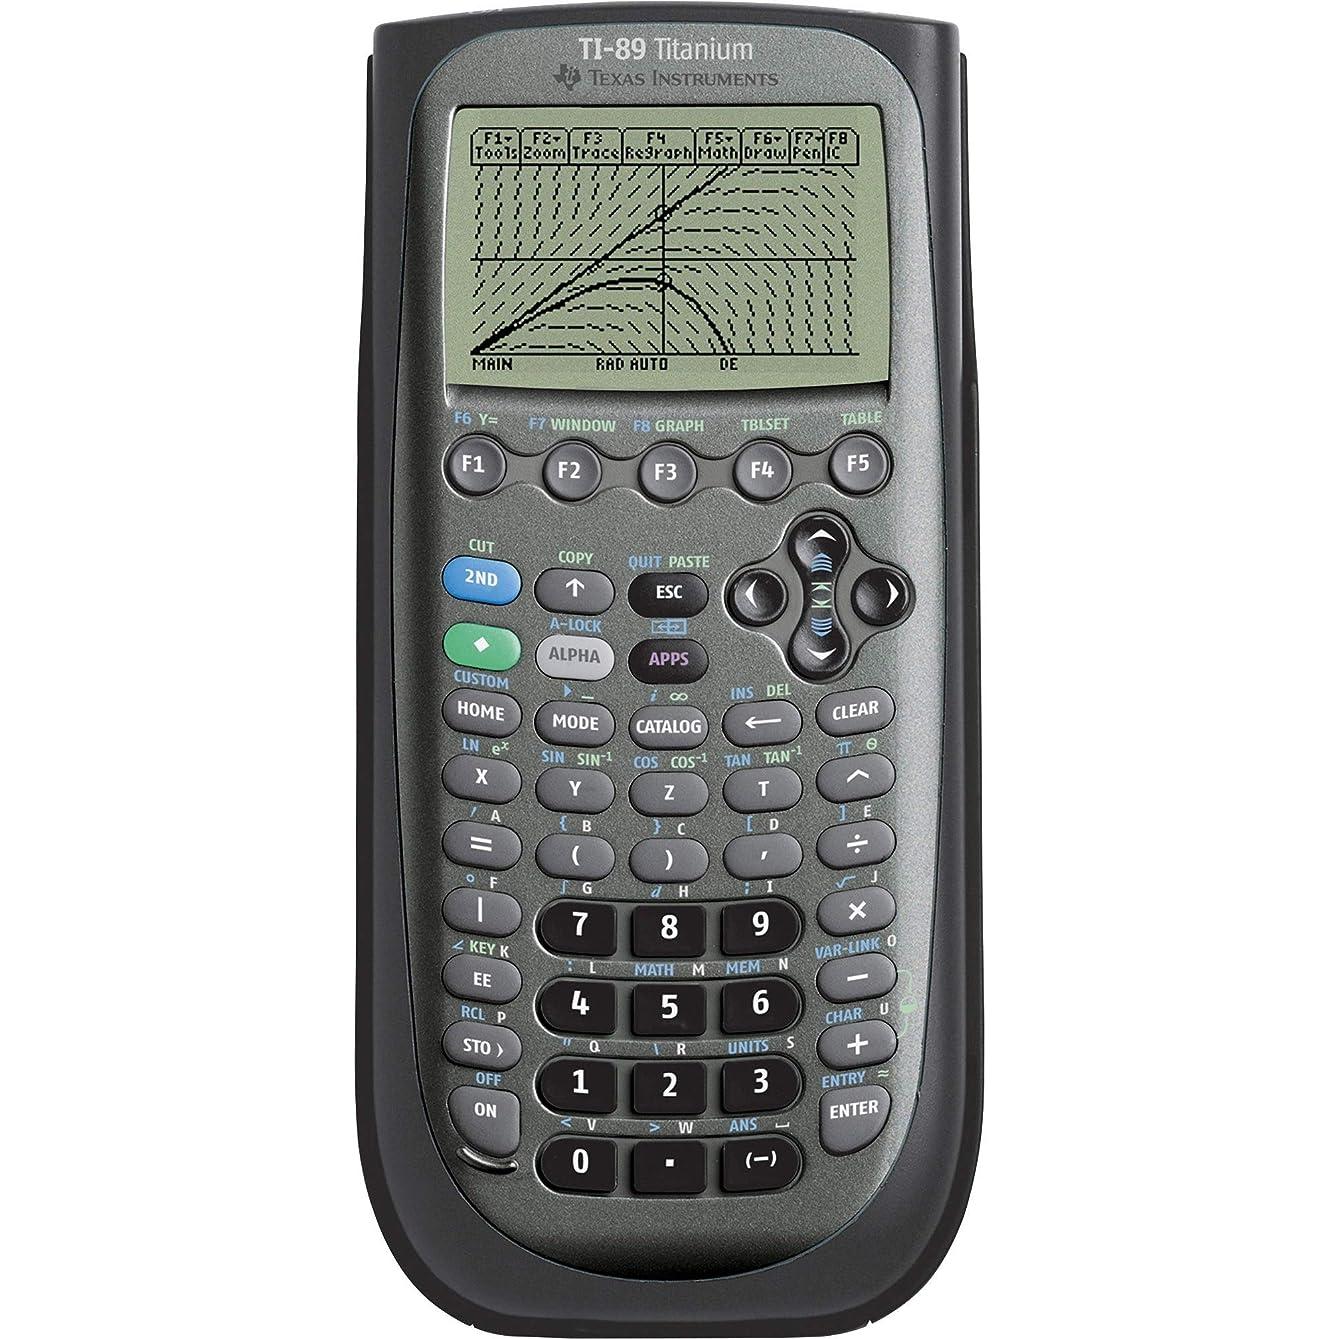 発信ランダム地平線Texas Instruments TI-89 Titanium Graphing Calculator 【米国版】【並行輸入品】